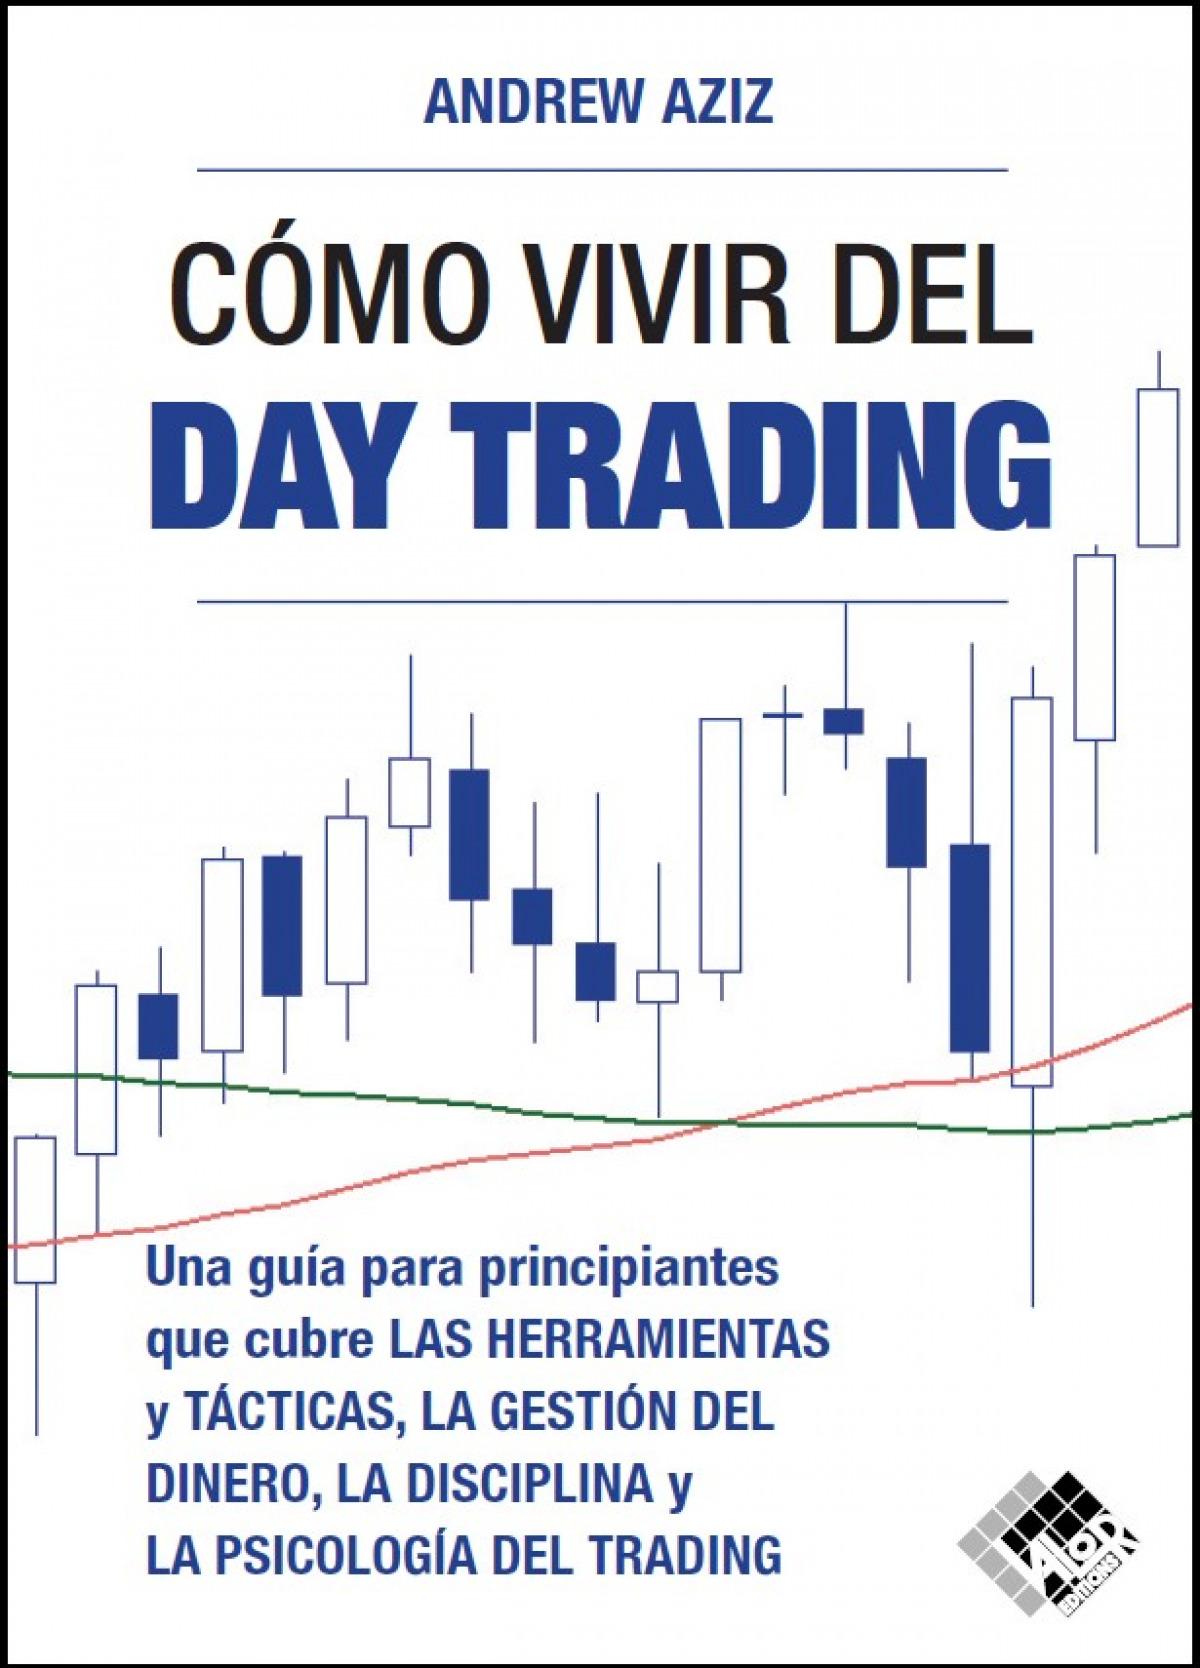 Cómo vivir del day trading